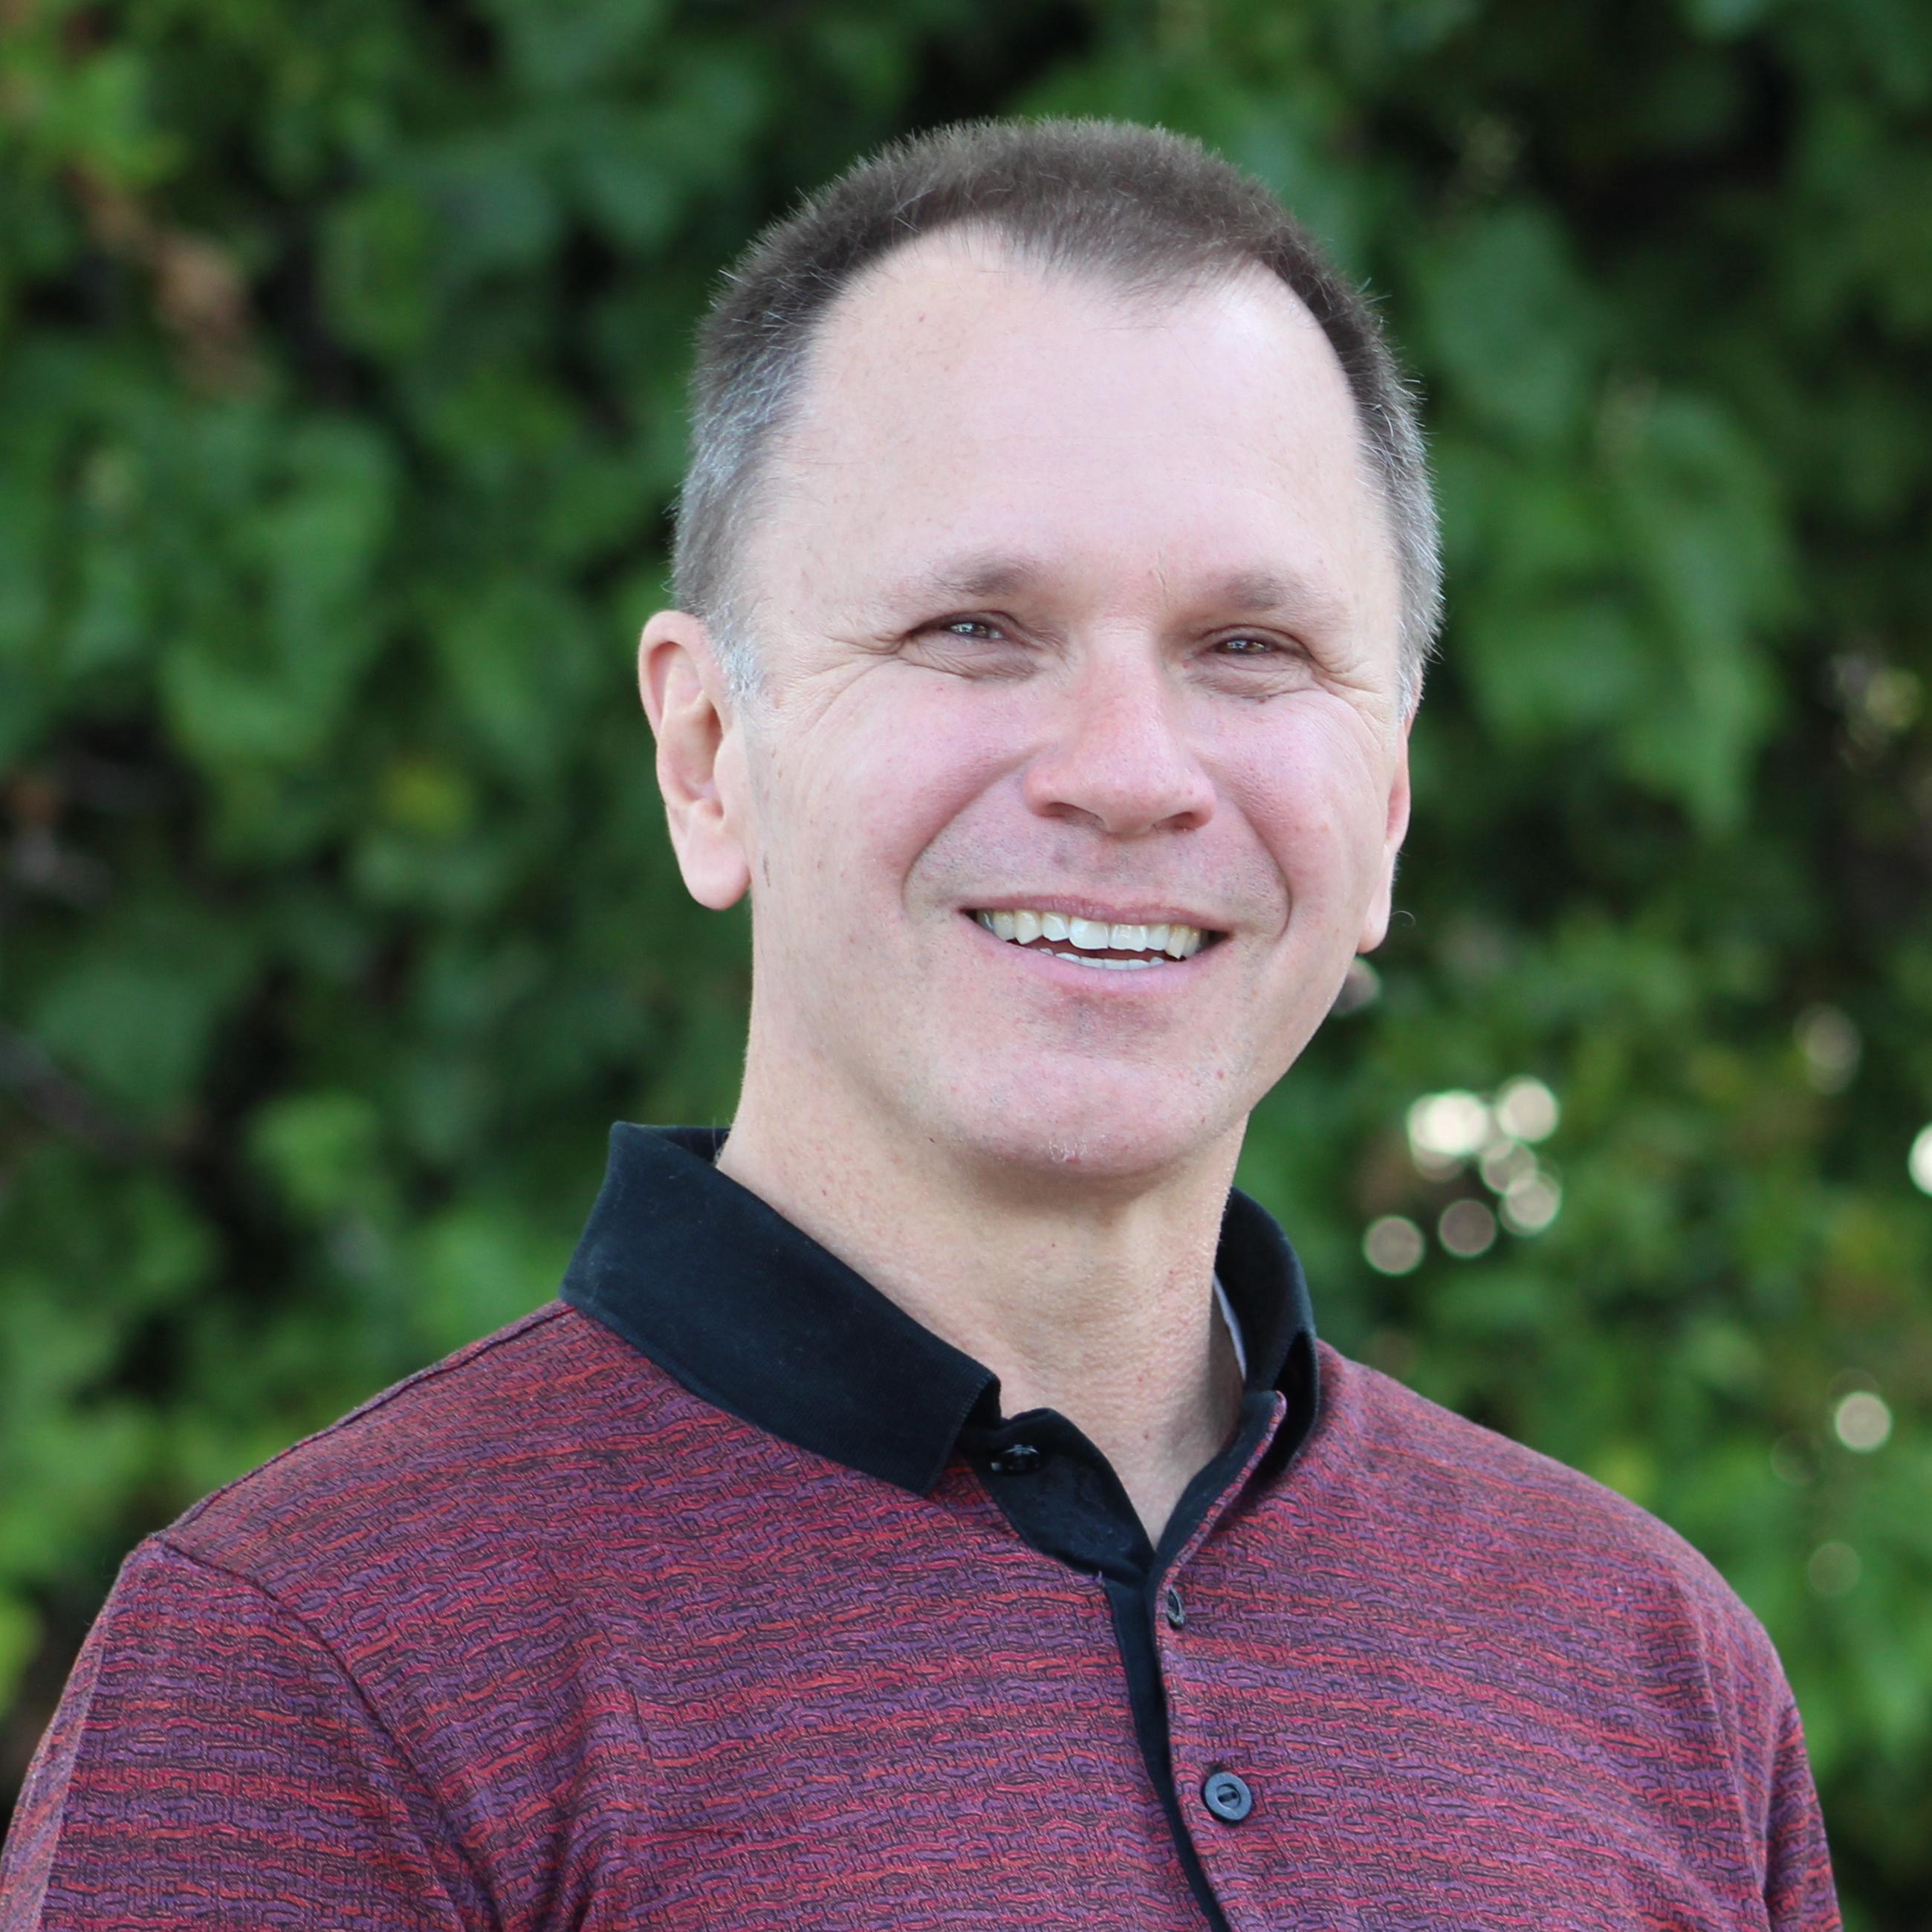 Brian Senese